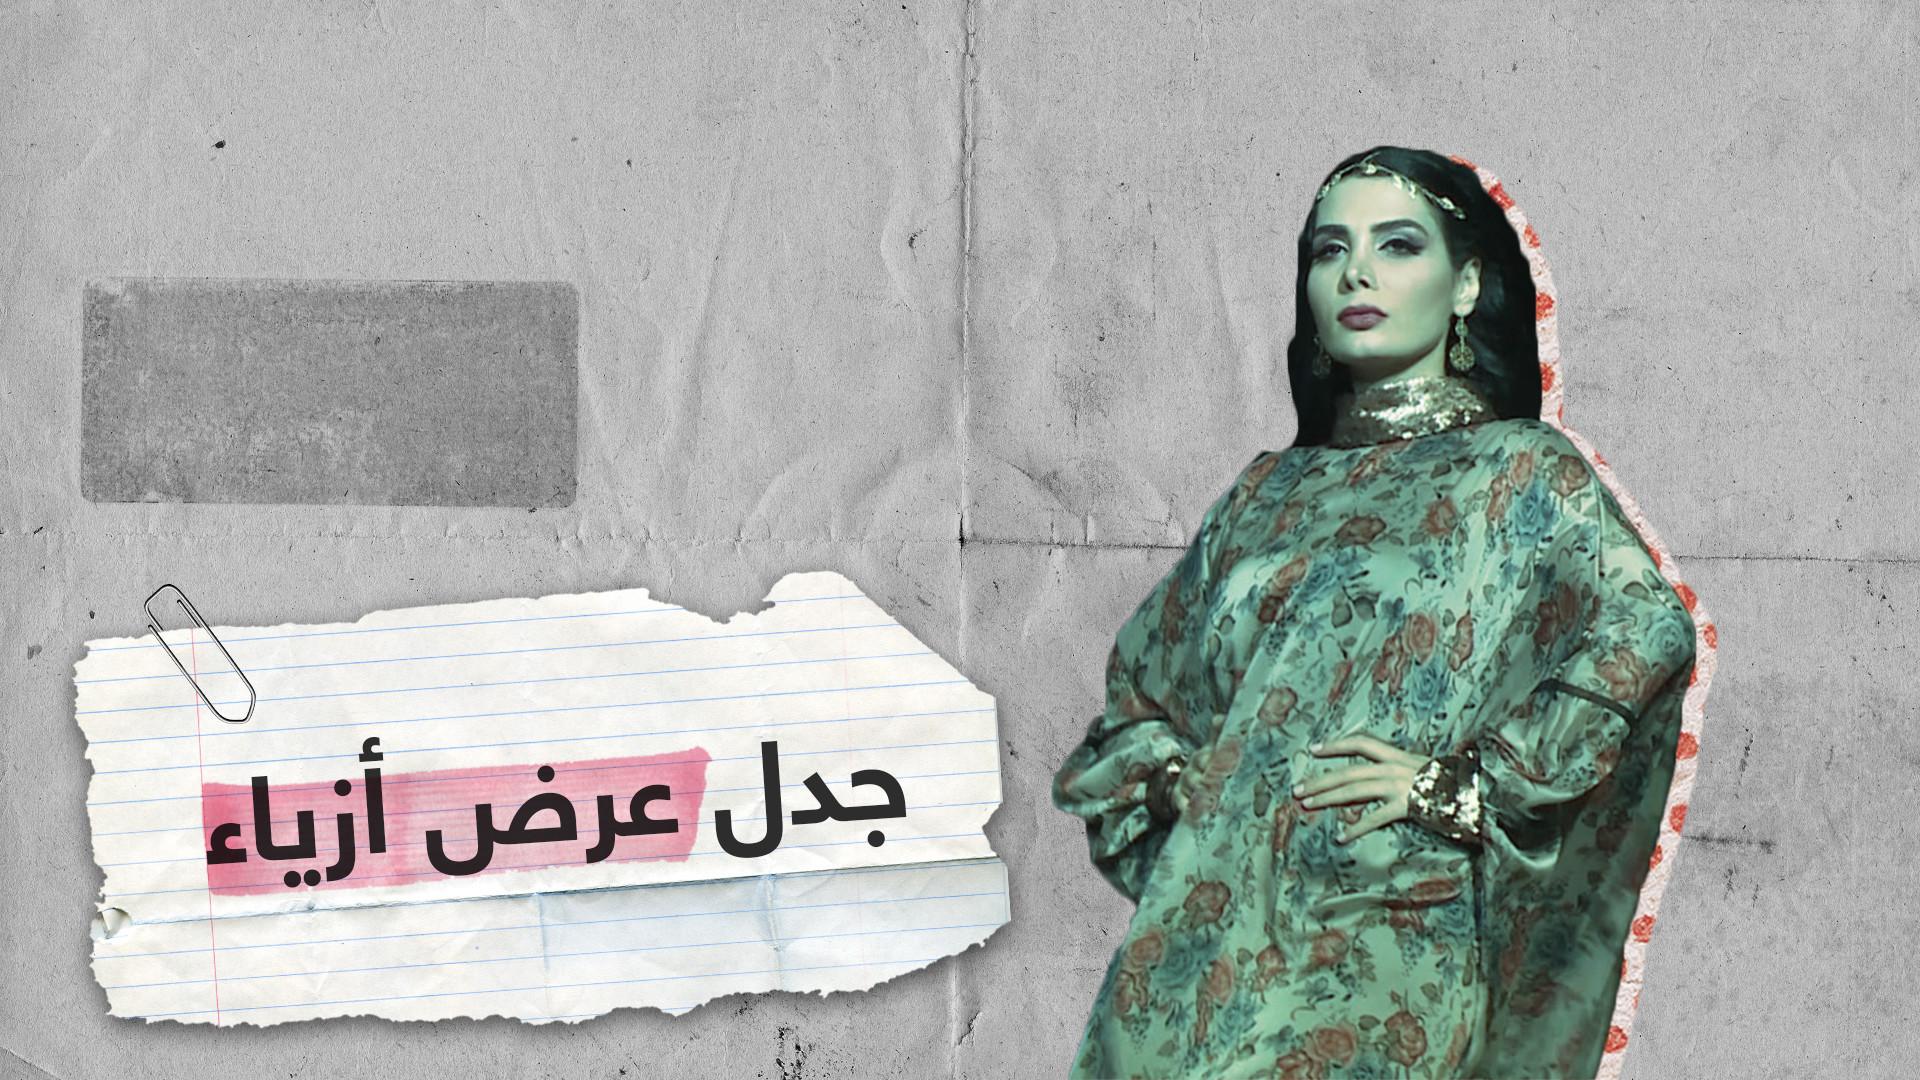 هل أساء عرض أزياء لمكانة الفلوجة الدينية؟